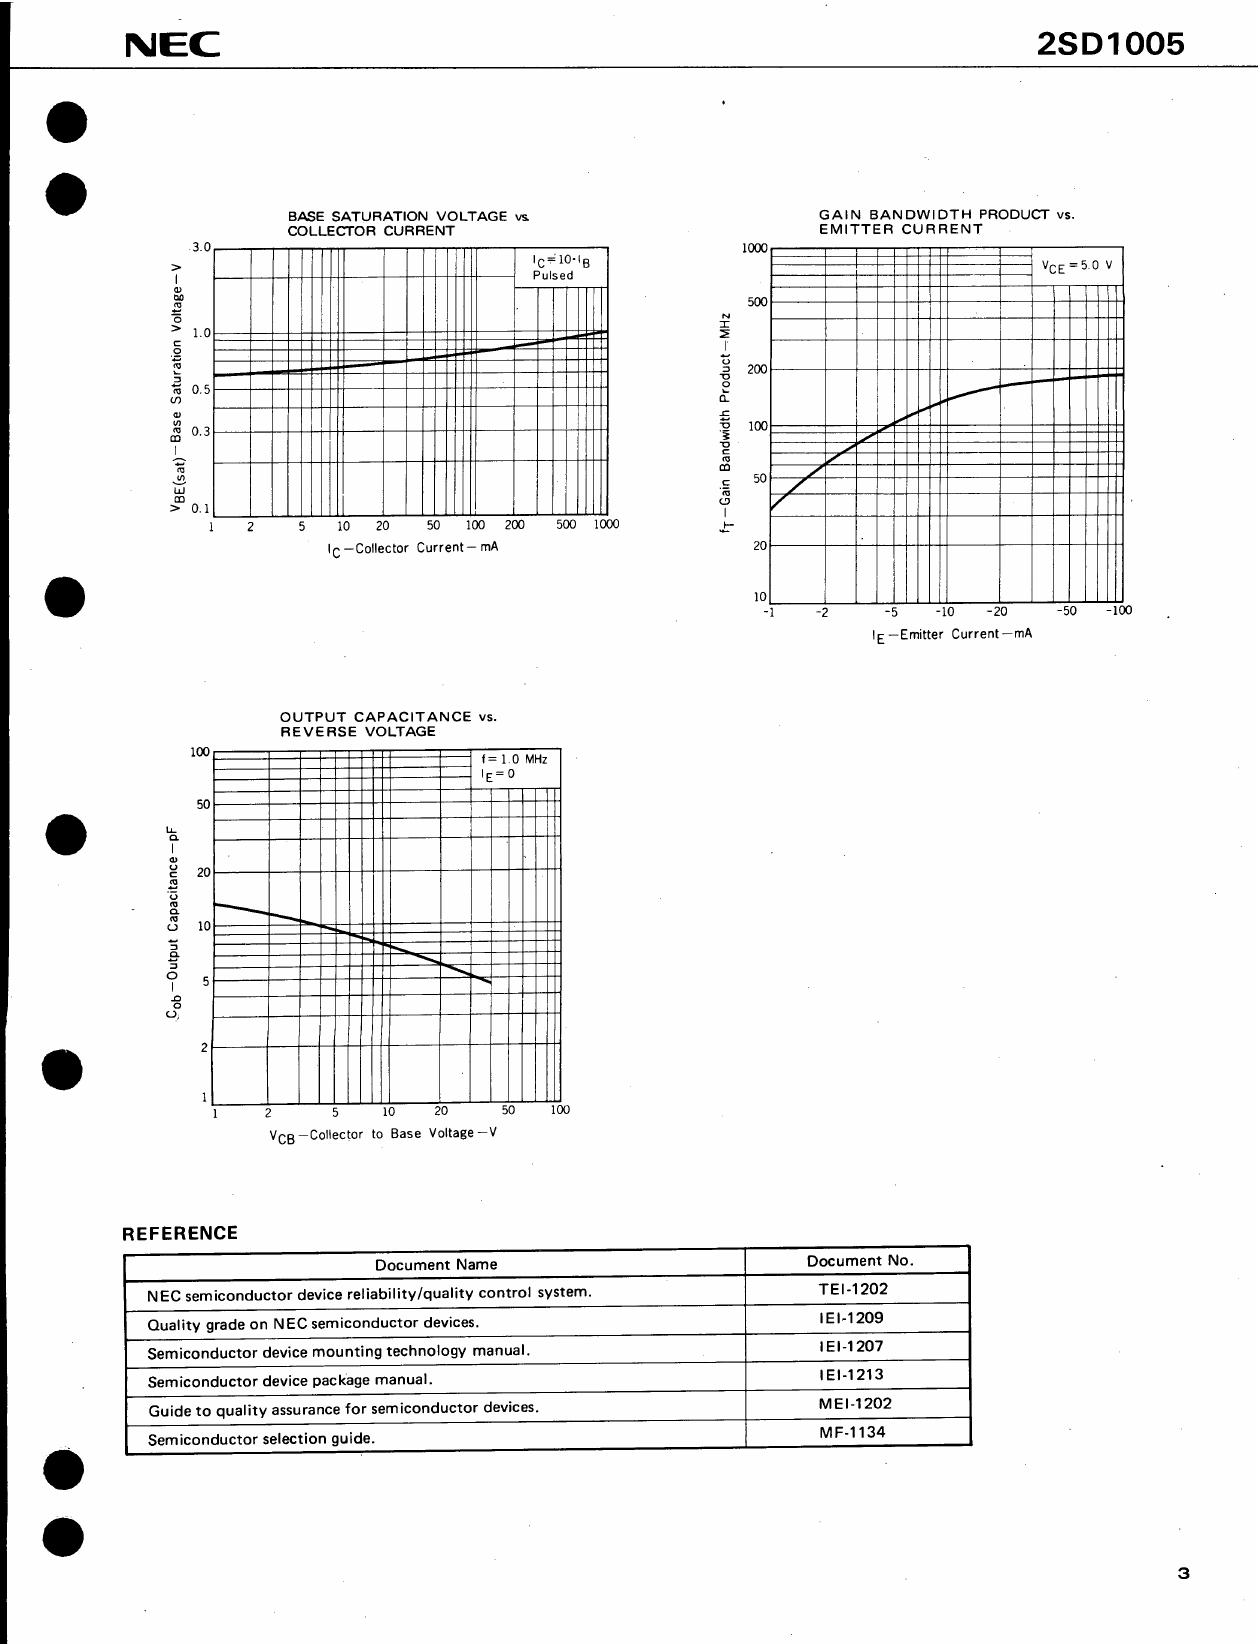 D1005 pdf, 電子部品, 半導体, ピン配列